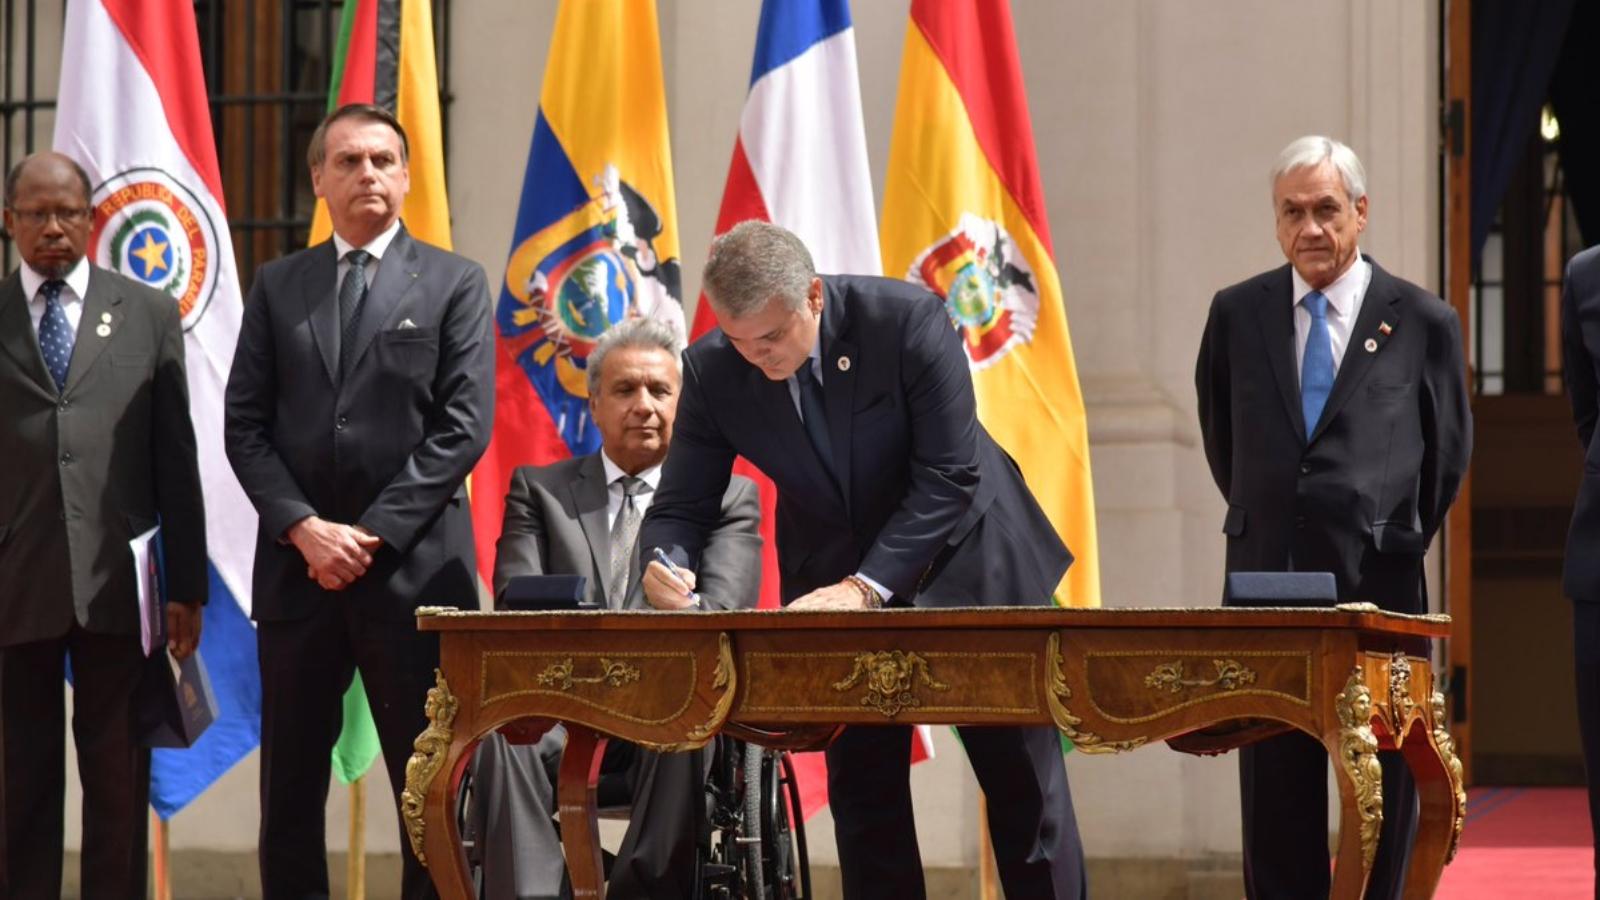 Nace Prosur, el nuevo bloque regional sin Venezuela